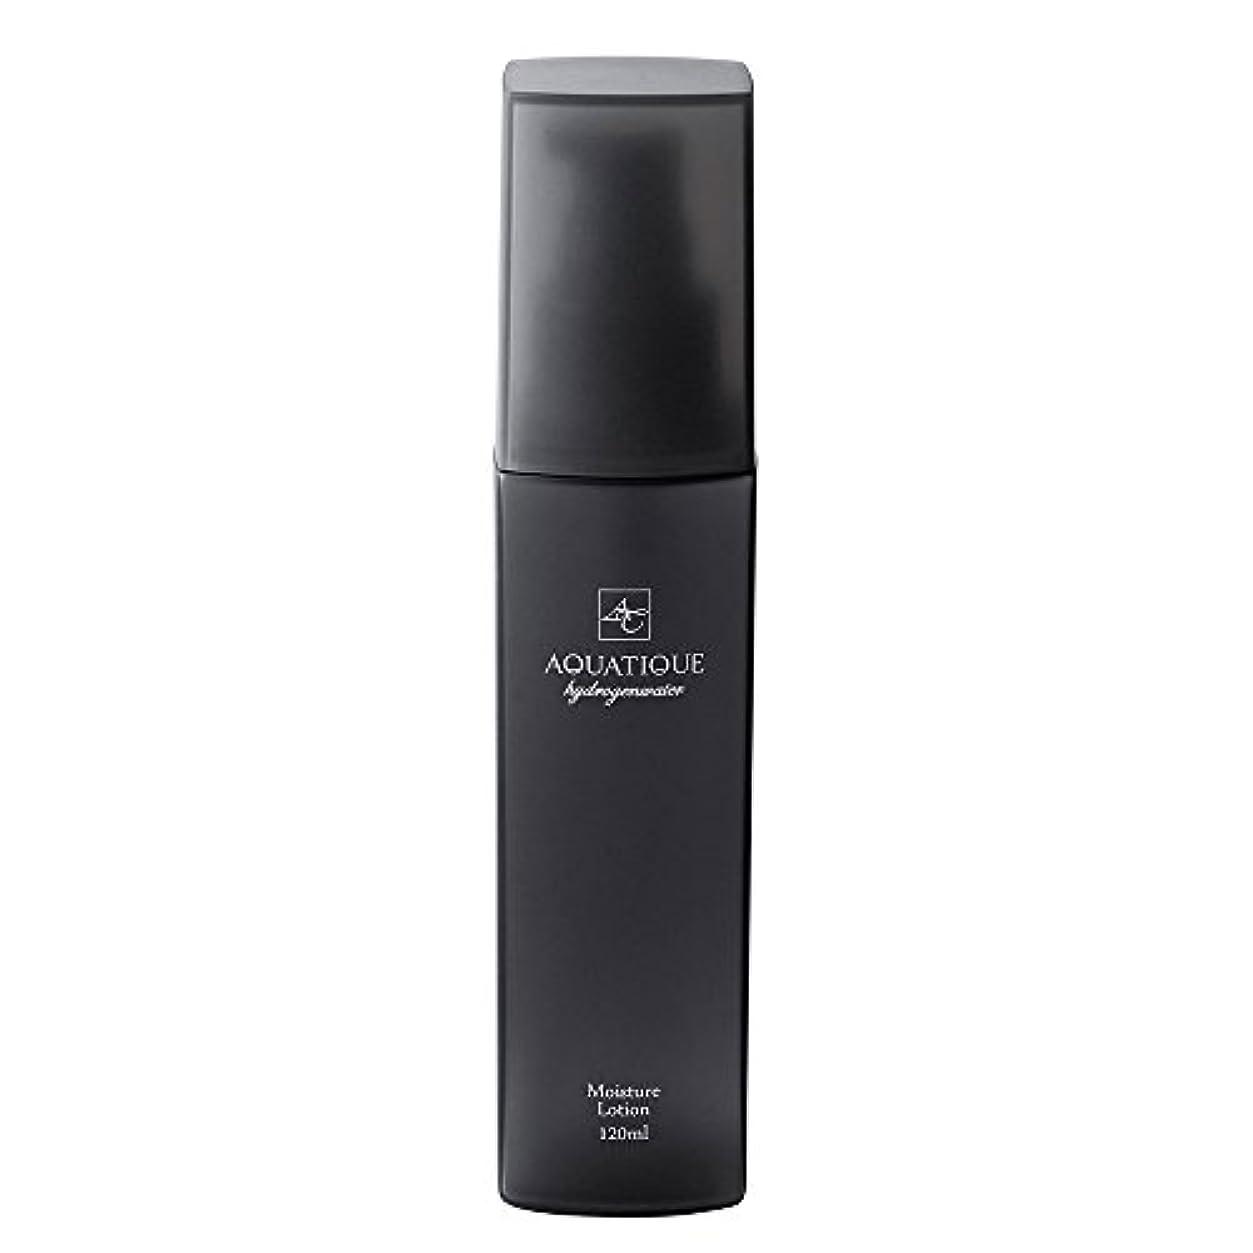 イタリアのマオリアリ水素化粧水 アクアティーク モイスチャーローション 120ml (化粧水)